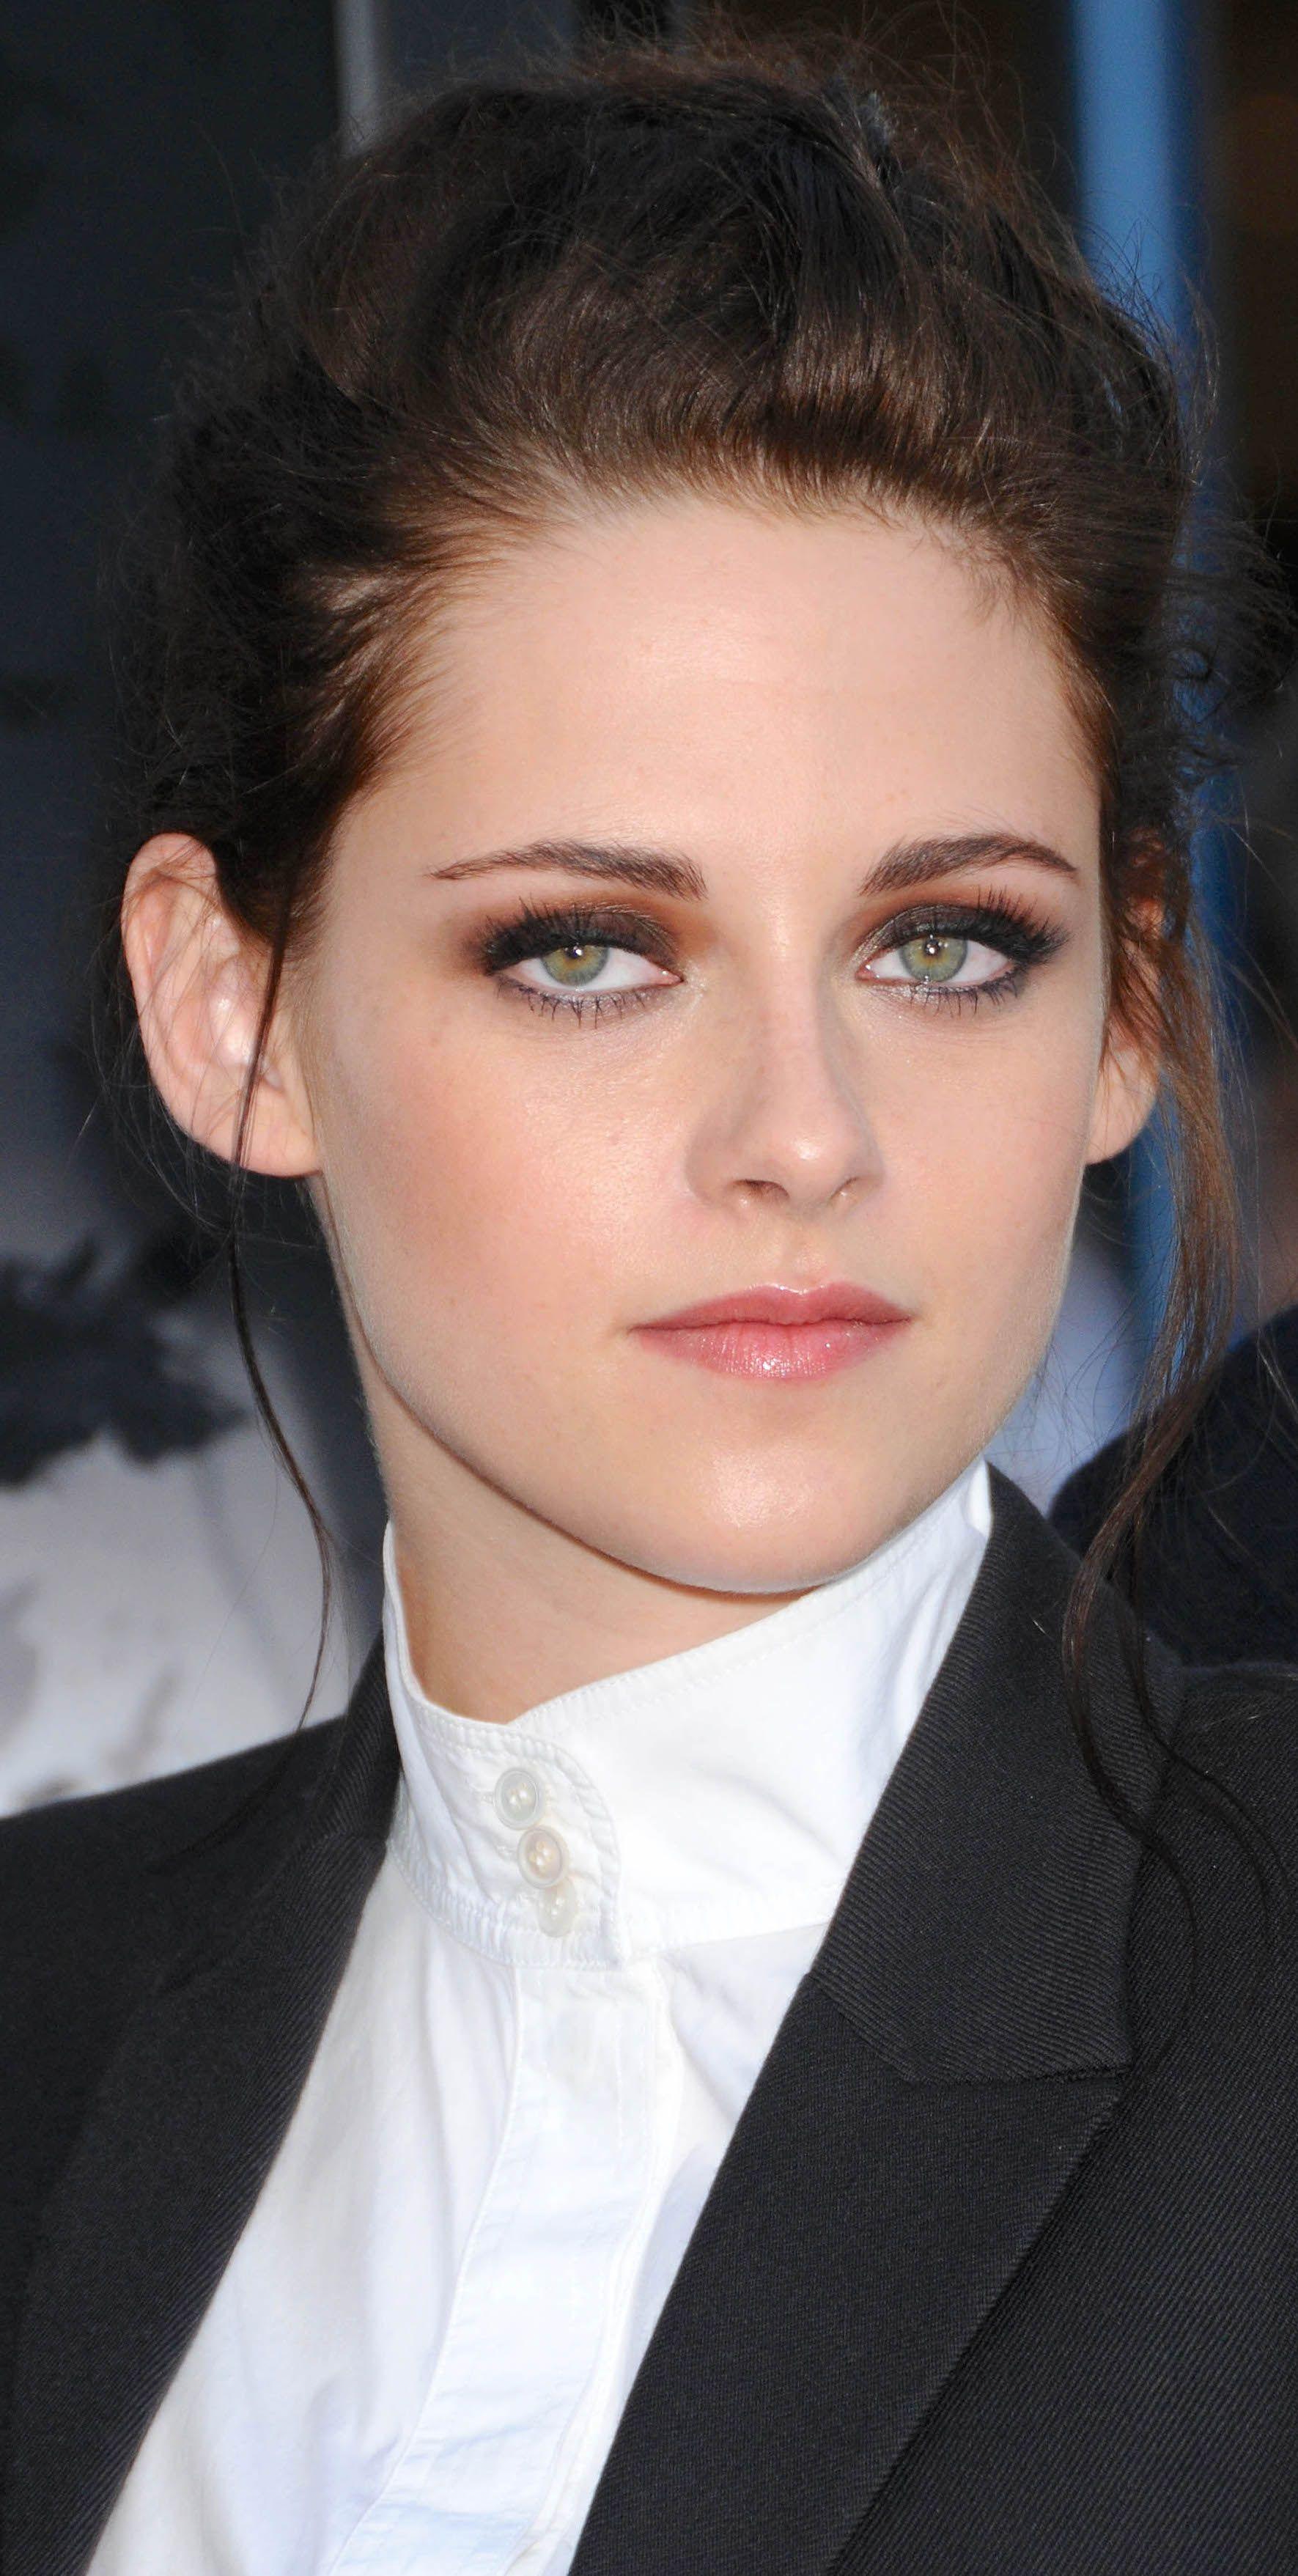 Kristen Stewart | Favorite Girls in 2019 | Kristen Stewart ...